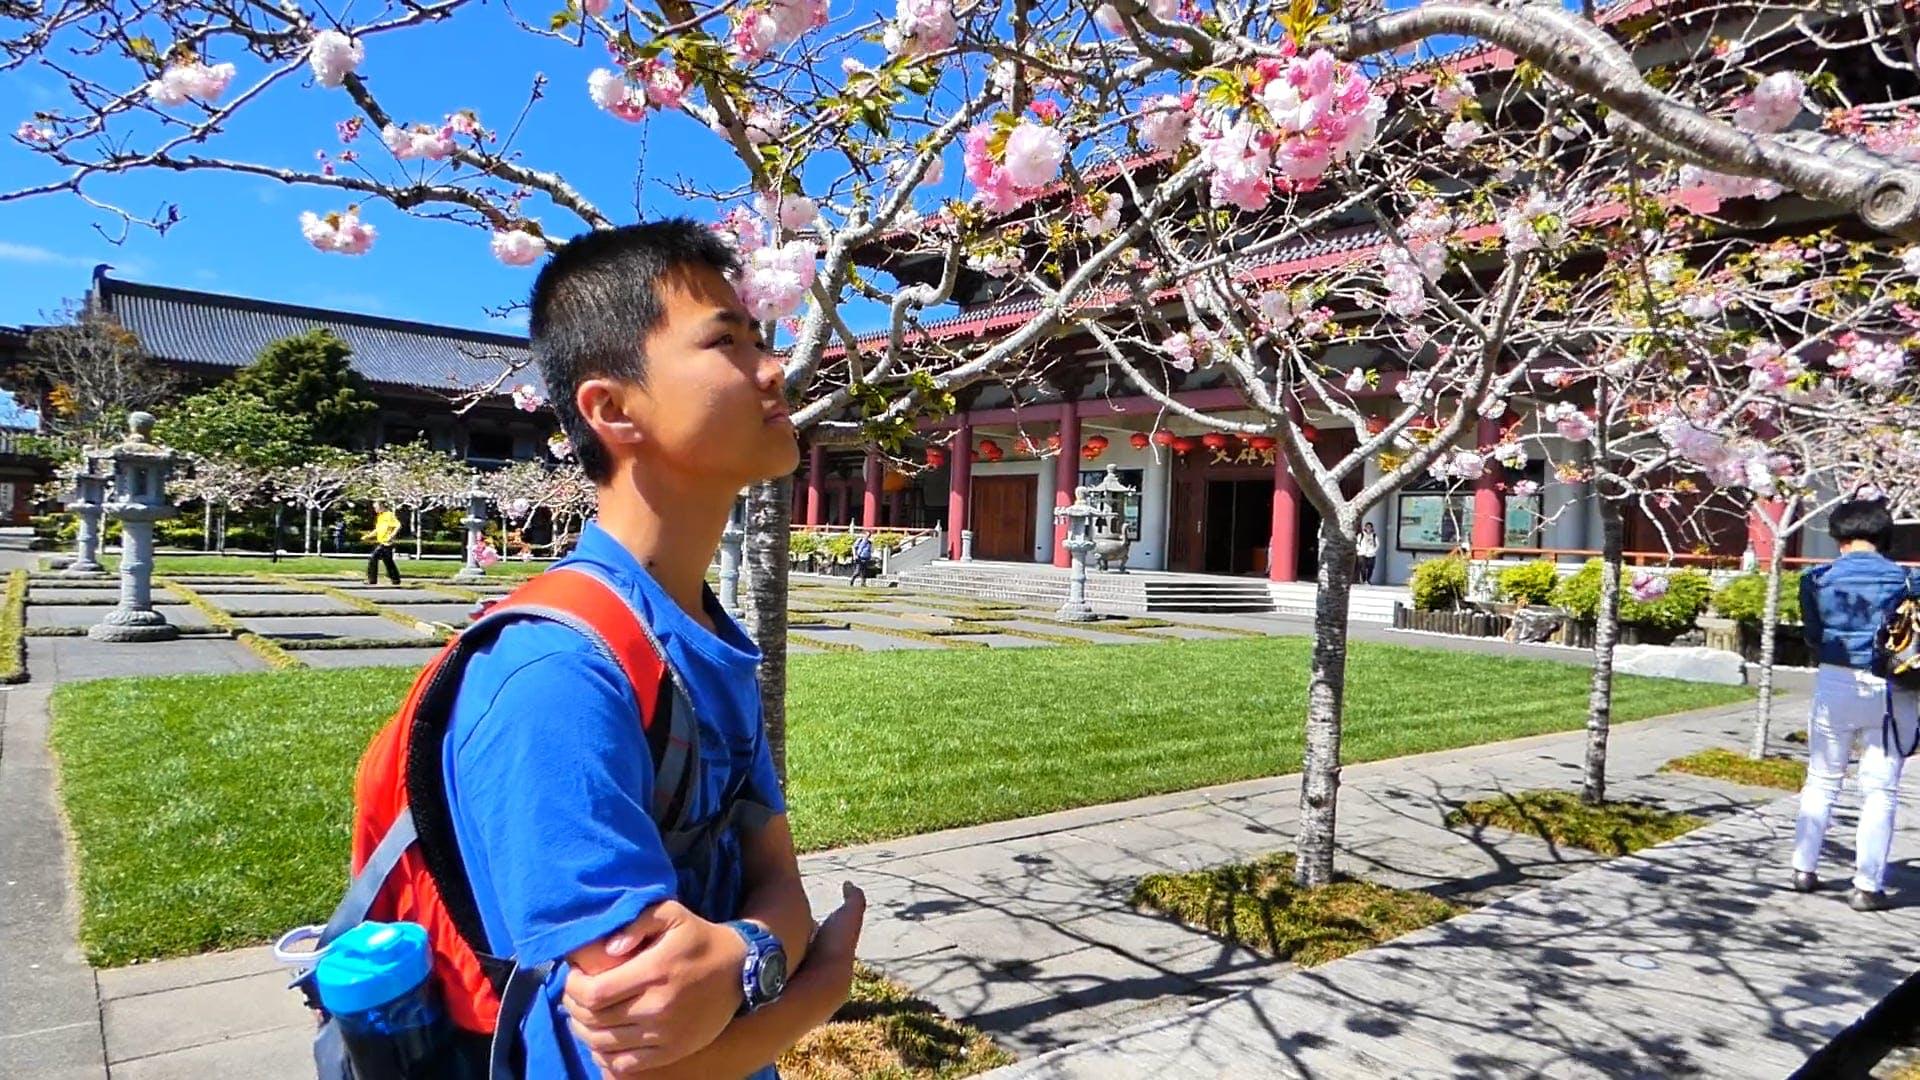 Boy Looking At Flowering Tree